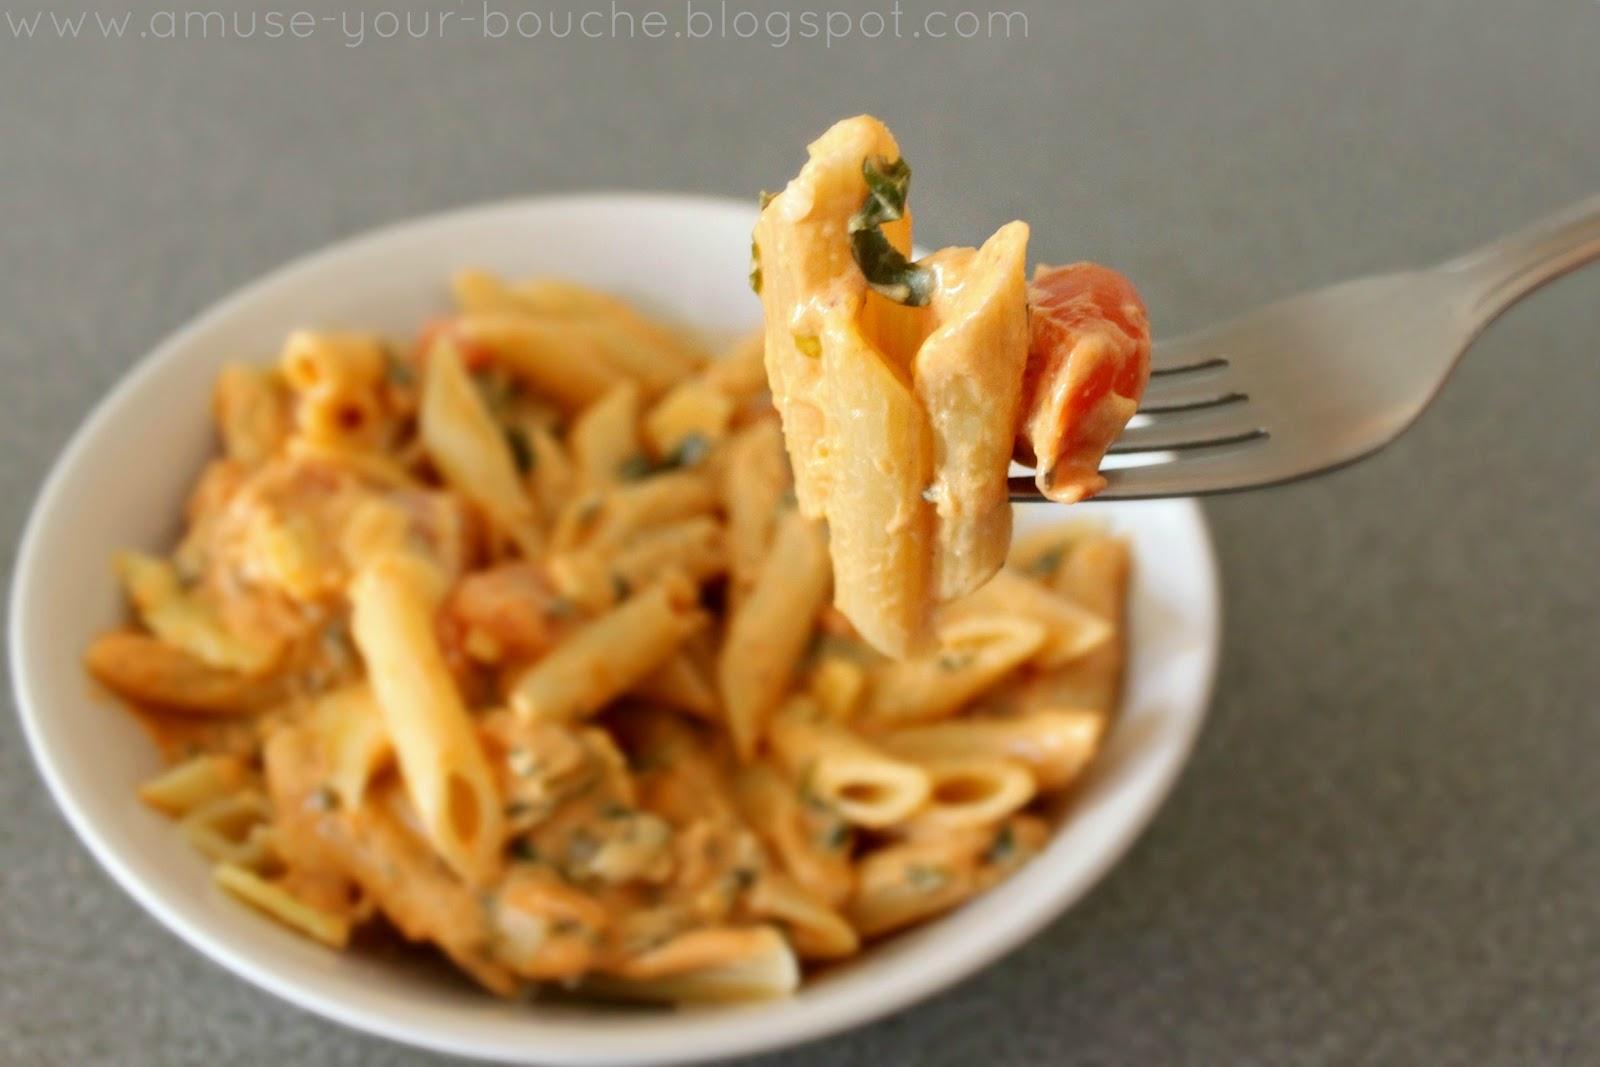 Tomato cream pasta sauce - Amuse Your Bouche